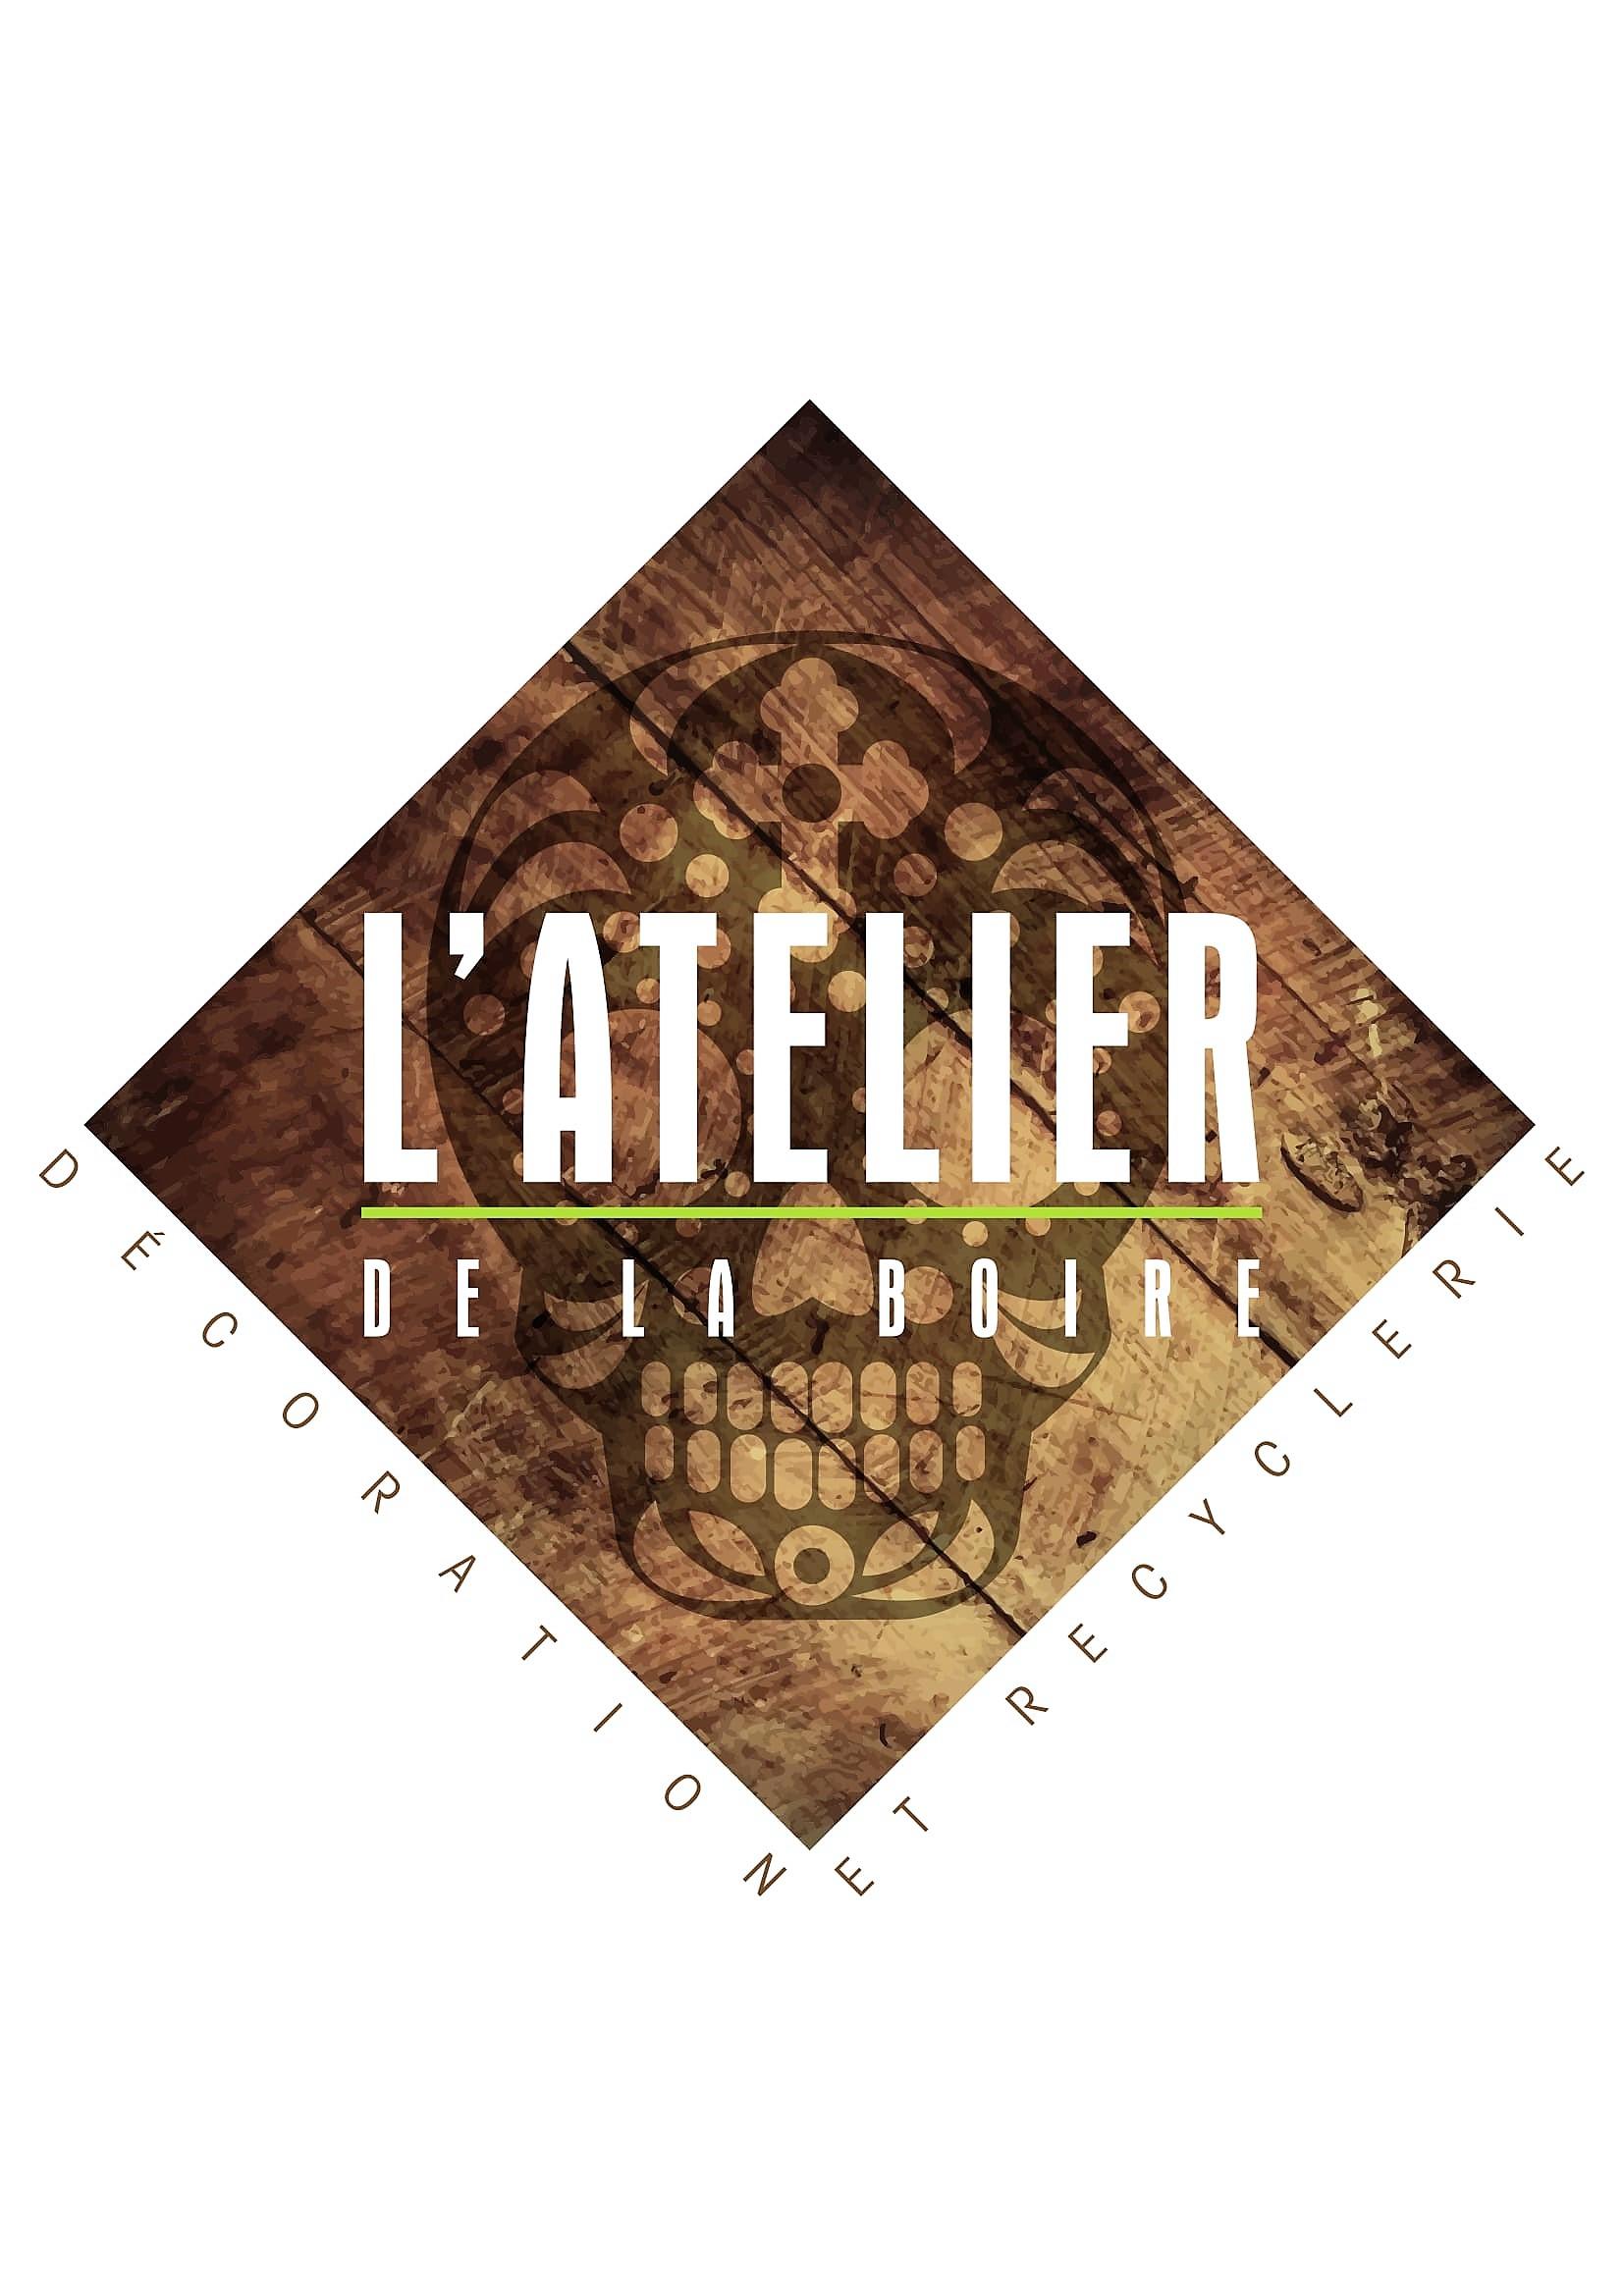 Atelier_de_la_boire_logo_HD